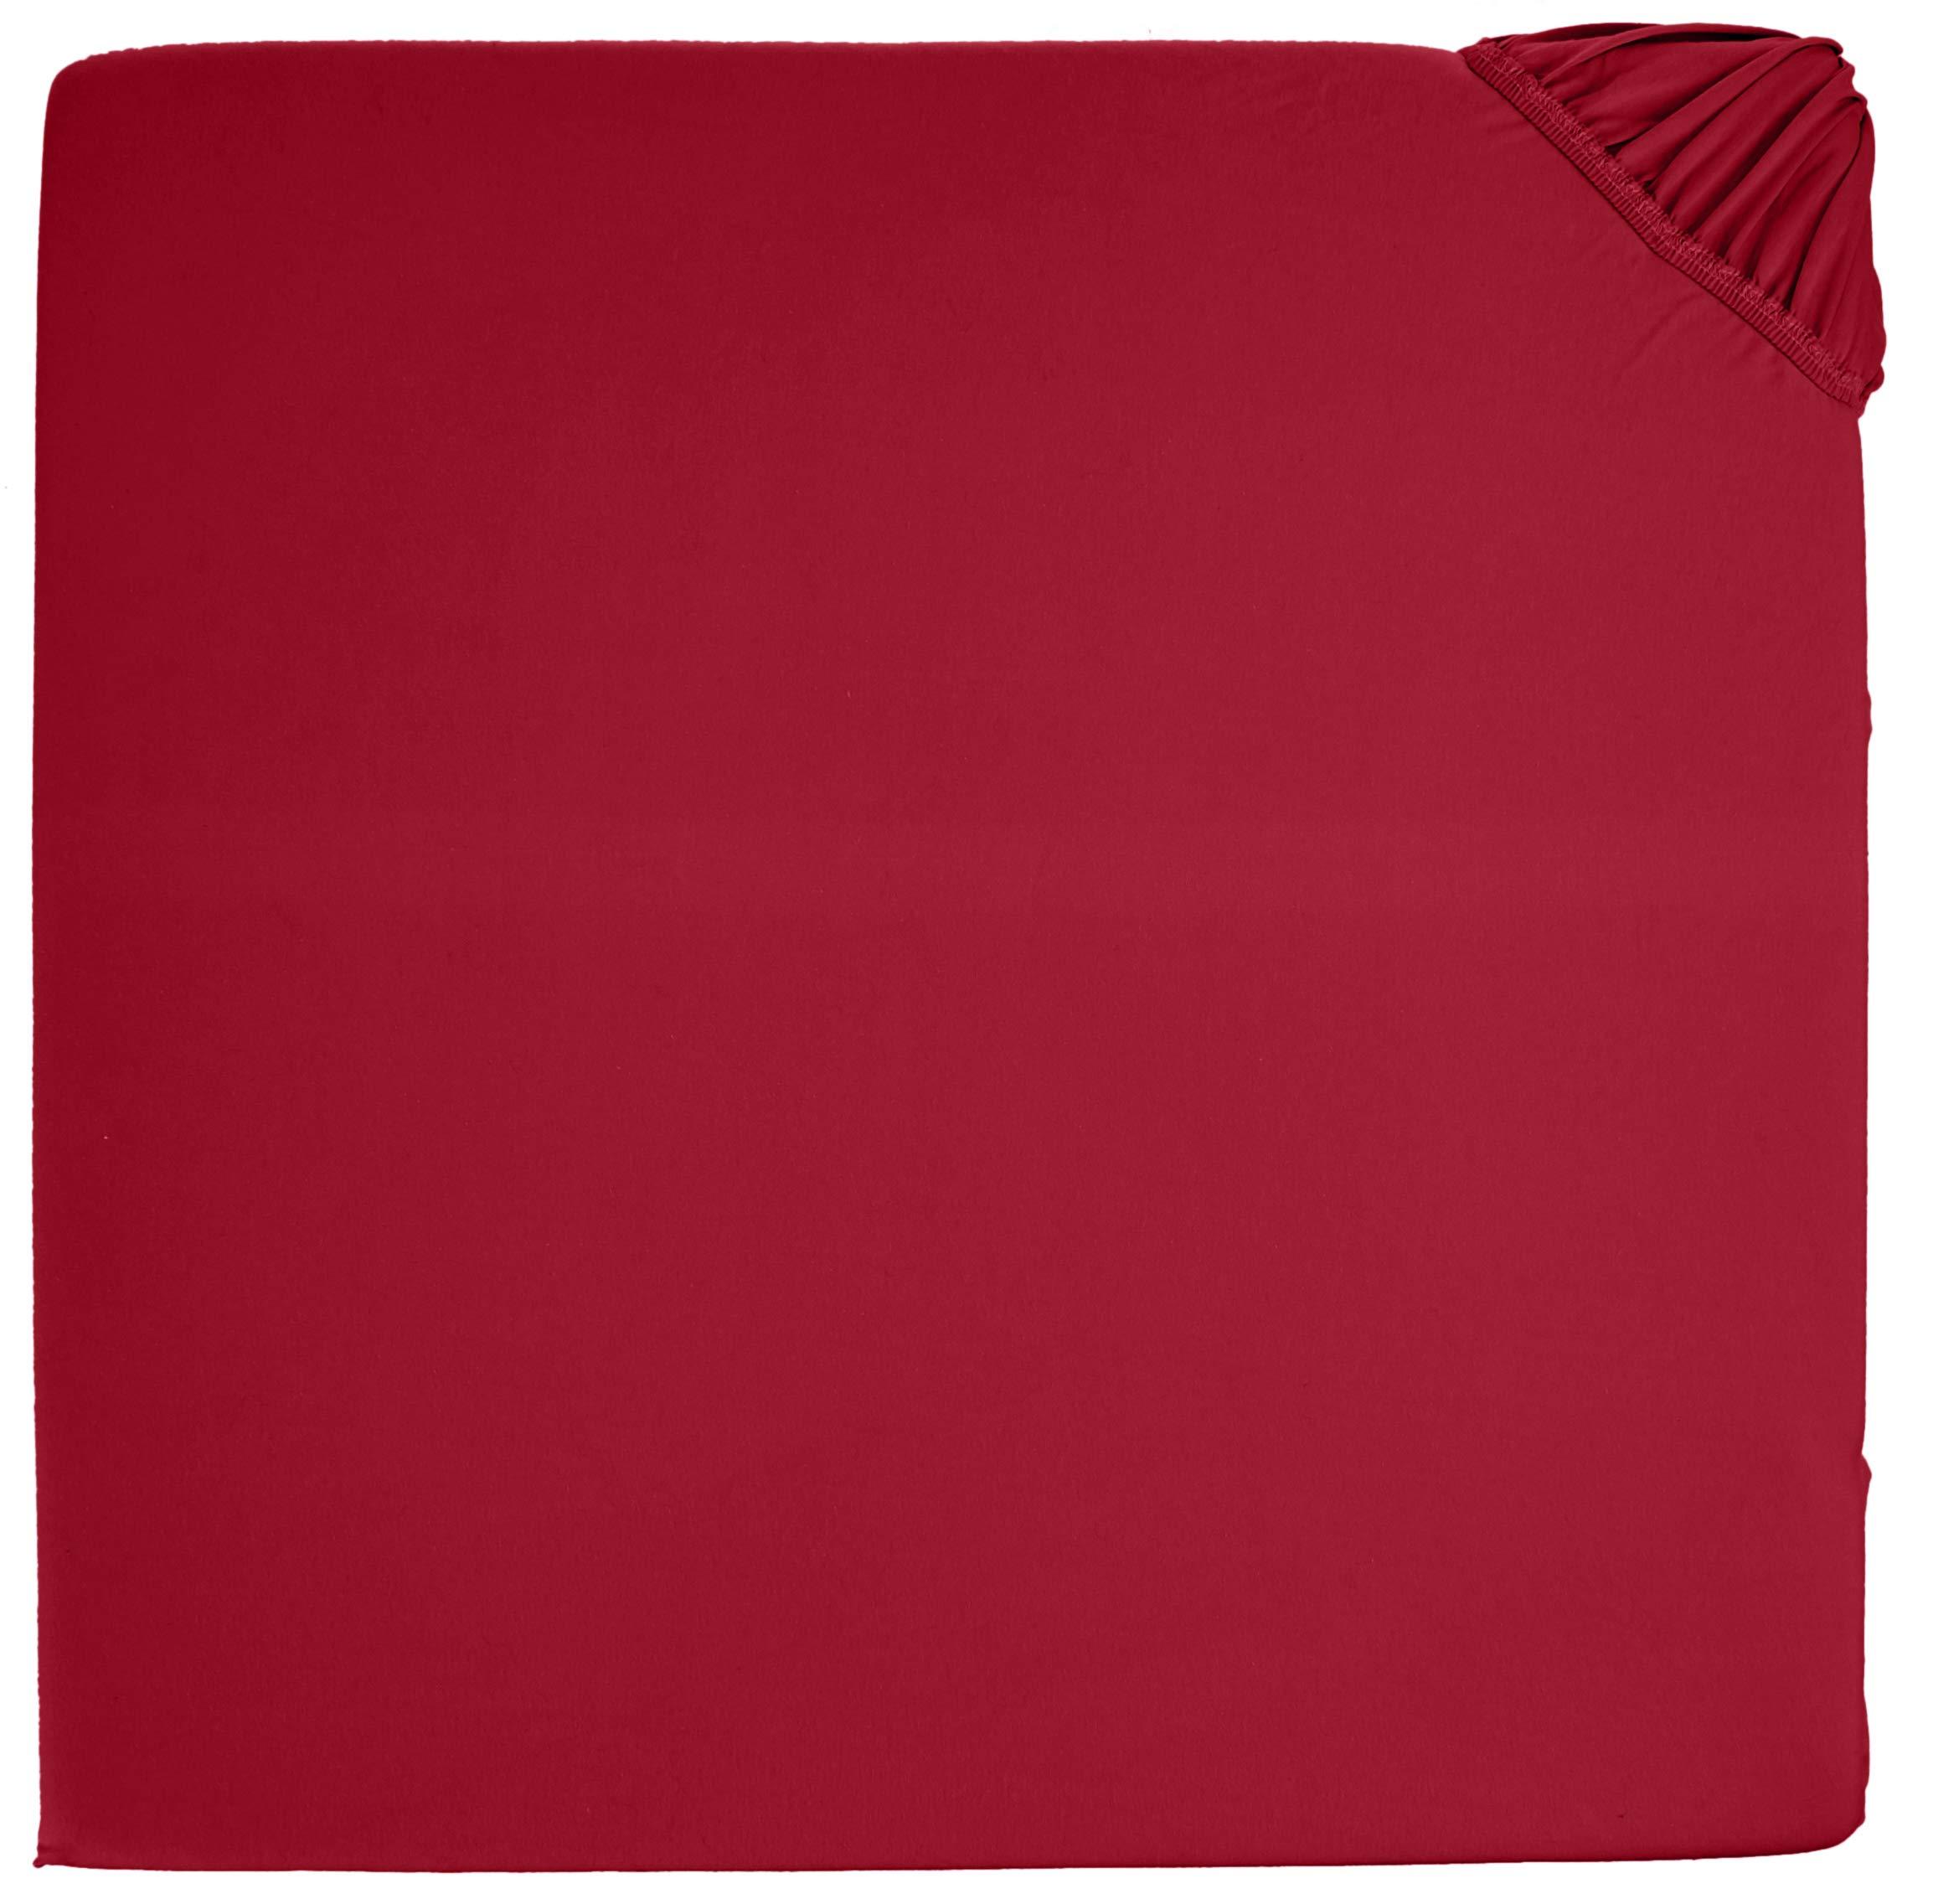 Lenzuola 160 X 190.Amazonbasics Lenzuolo Con Angoli In Jersey Di Qualita Superiore Rosso 160 X 190 Cm Casame